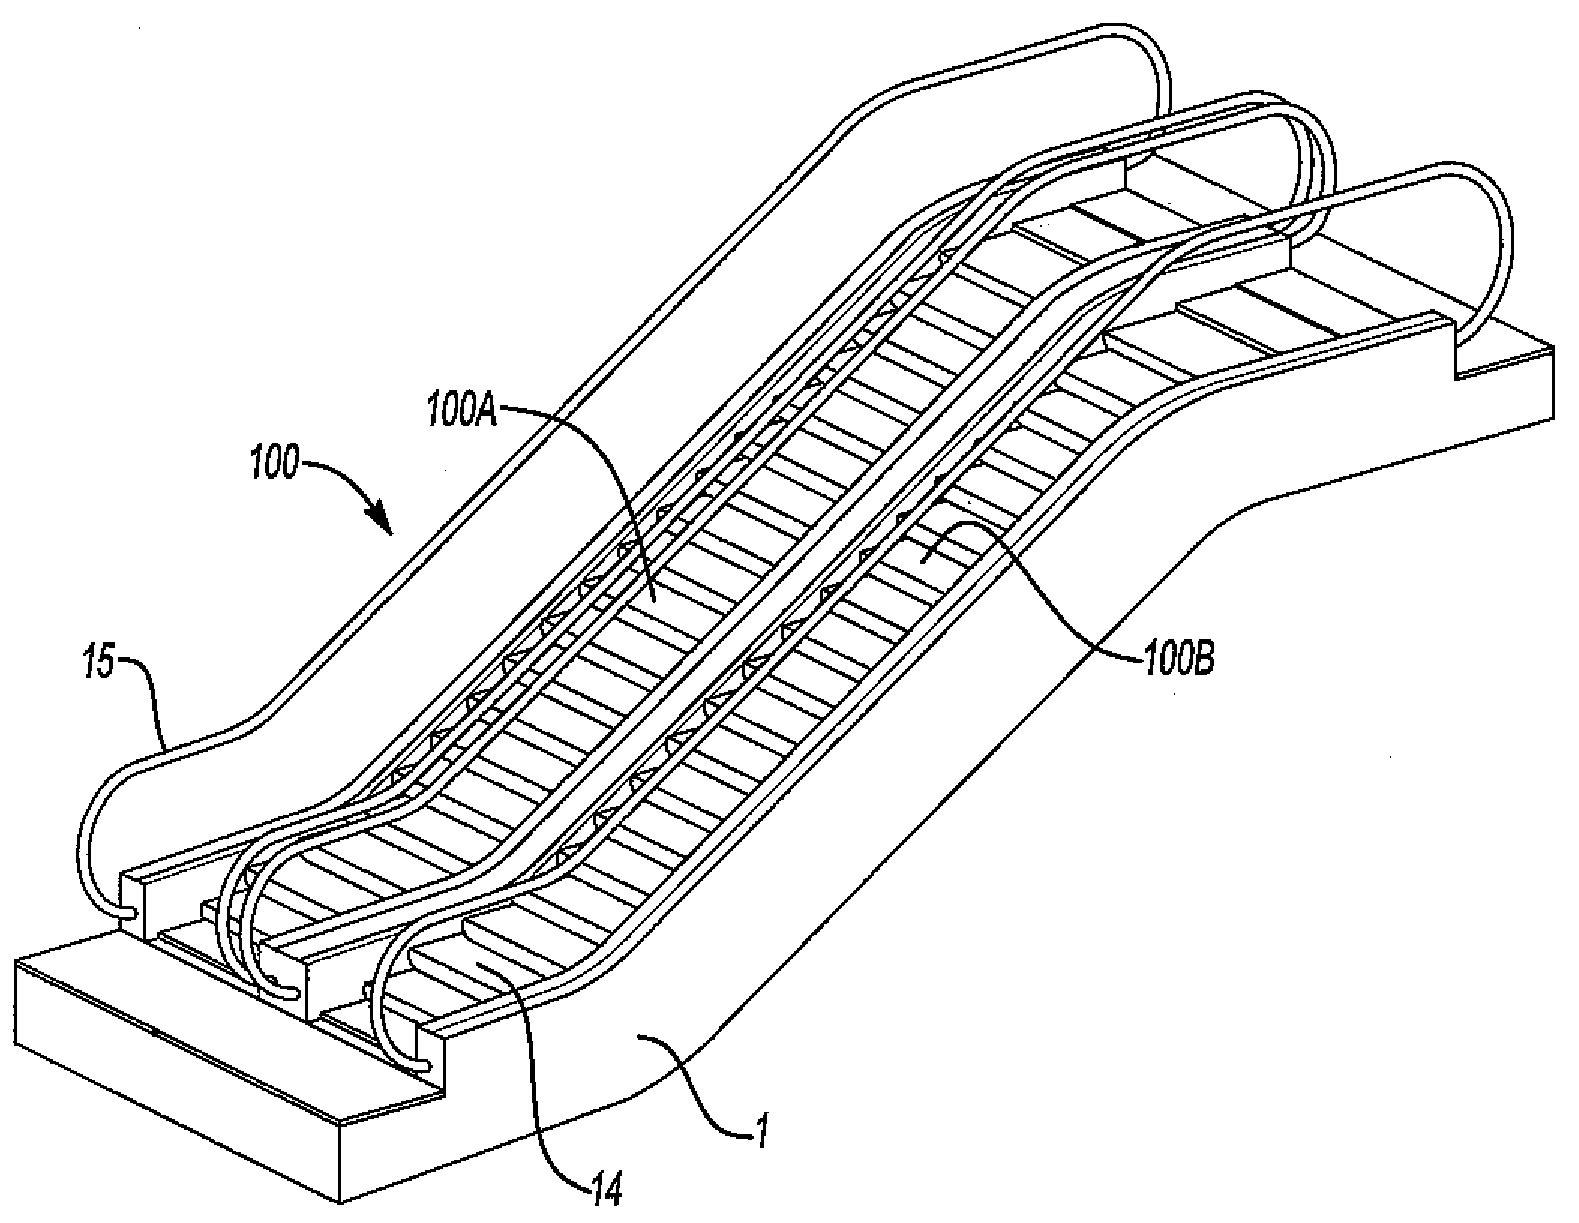 radiant industries  u0026gt  escalator cladding